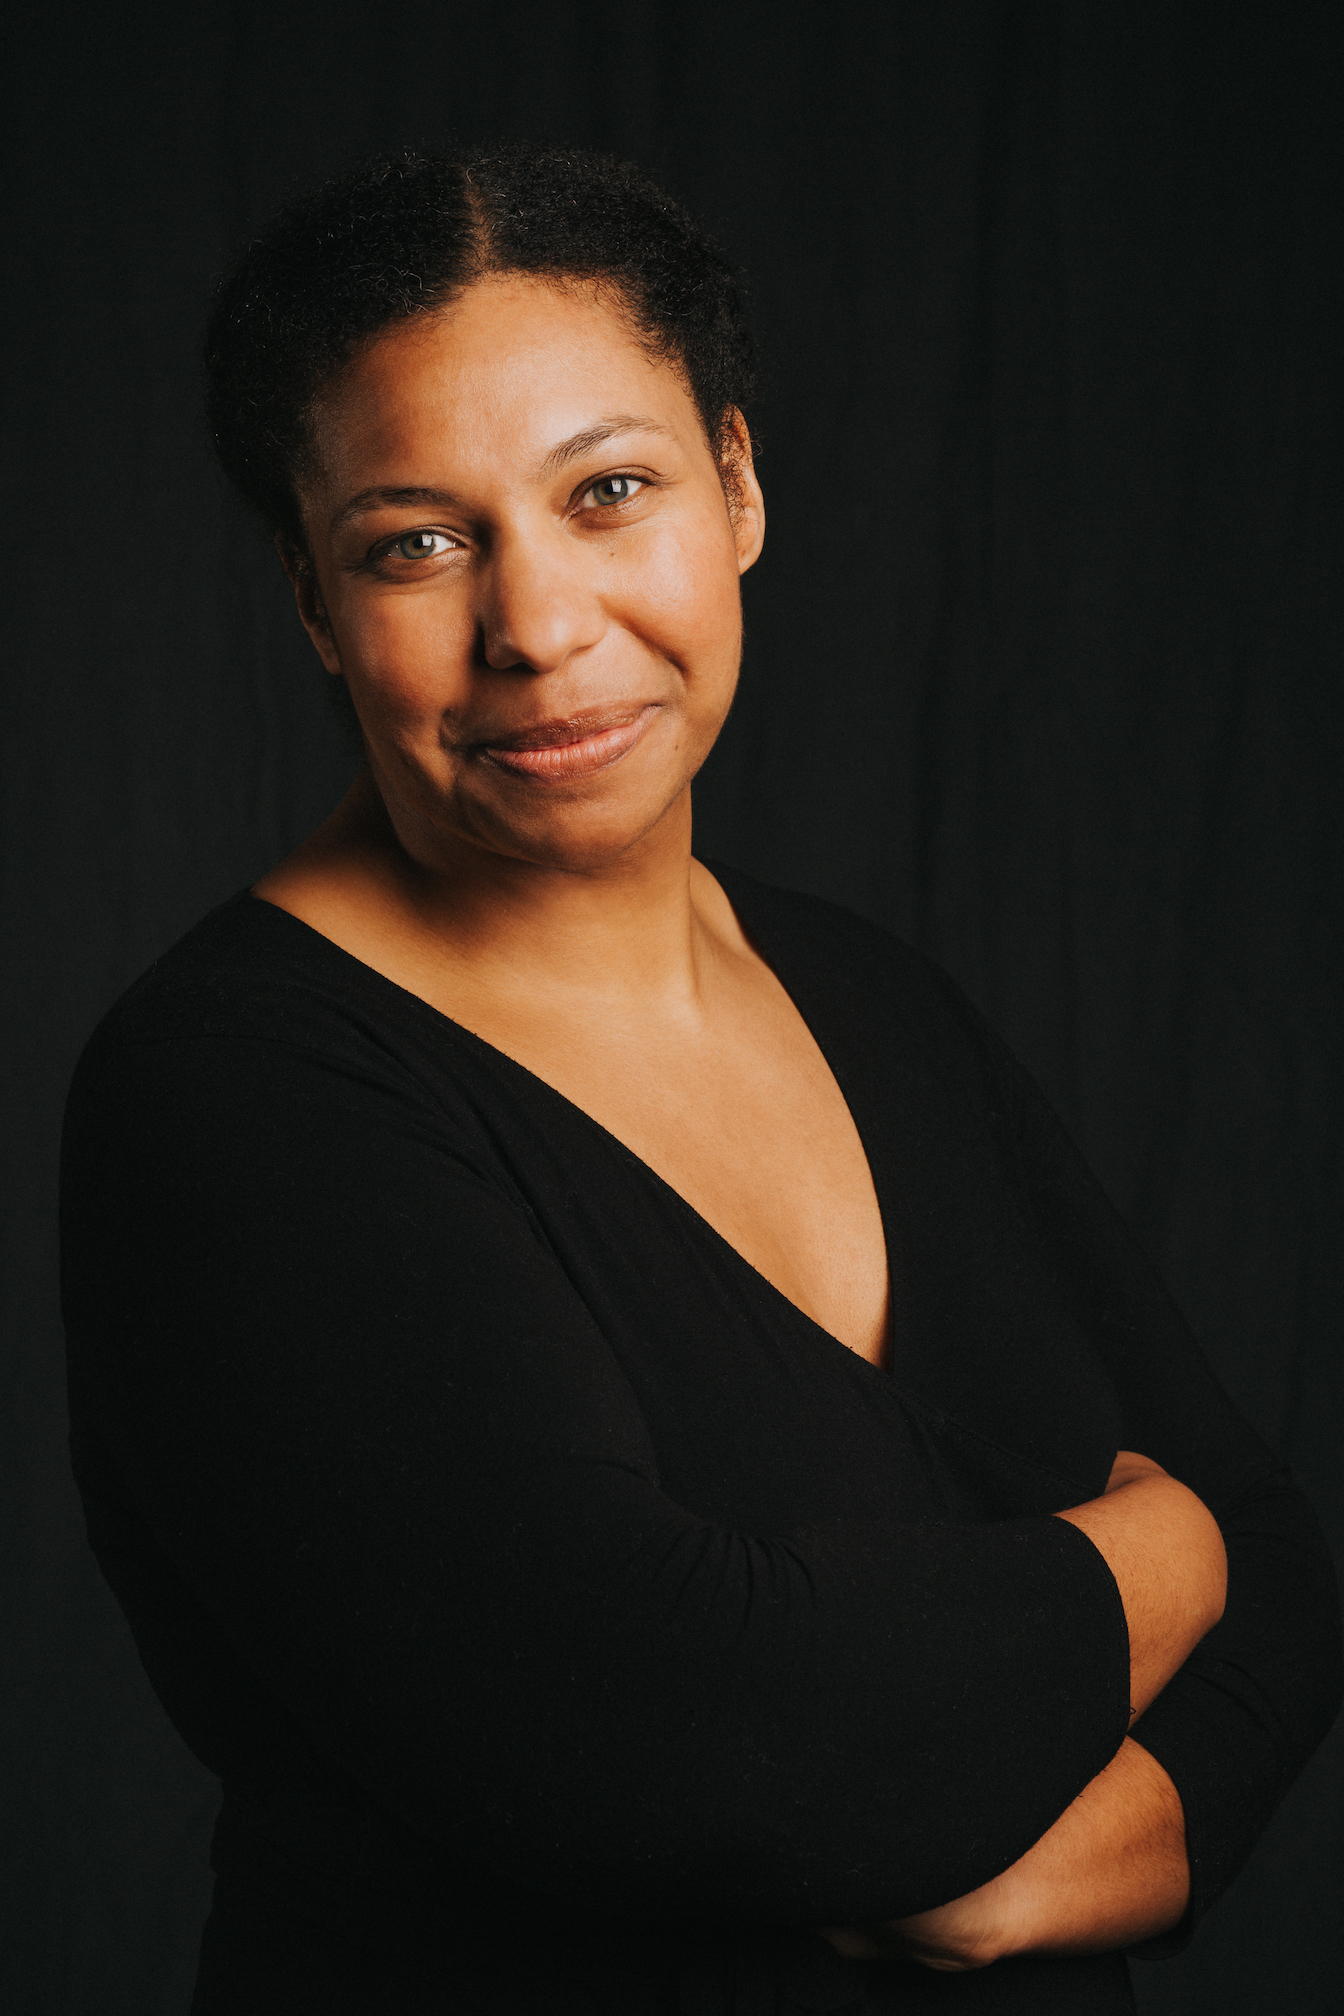 Chanda Feldman